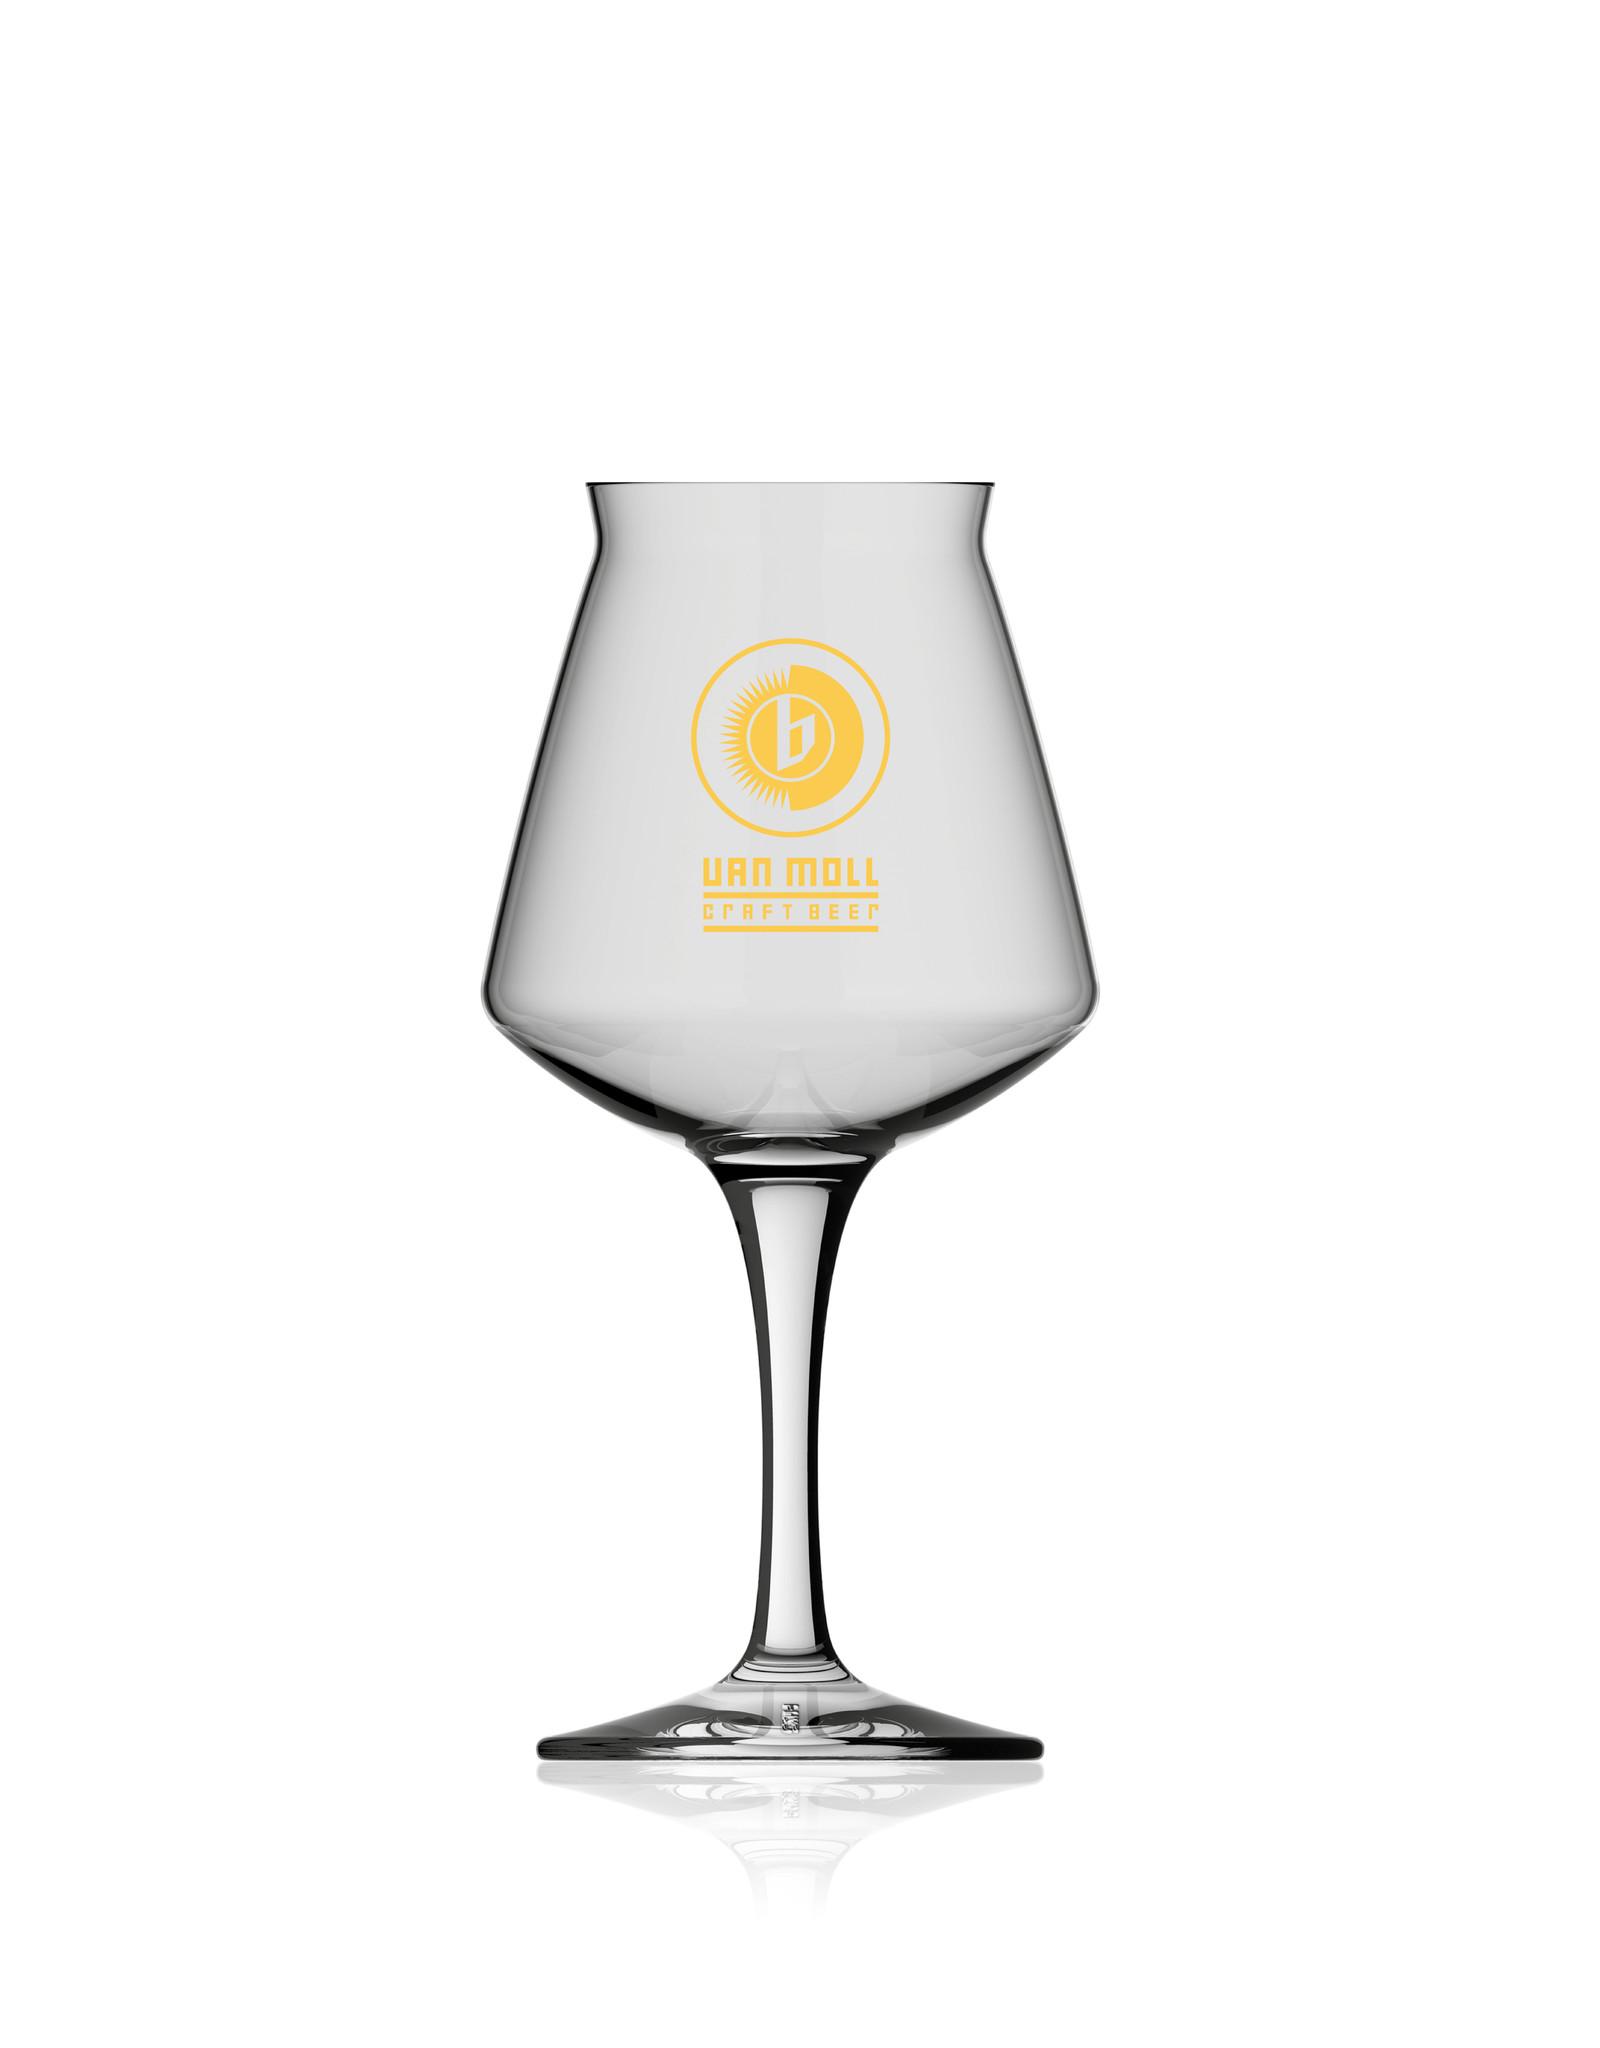 Van Moll Teku 3.0 beer glass